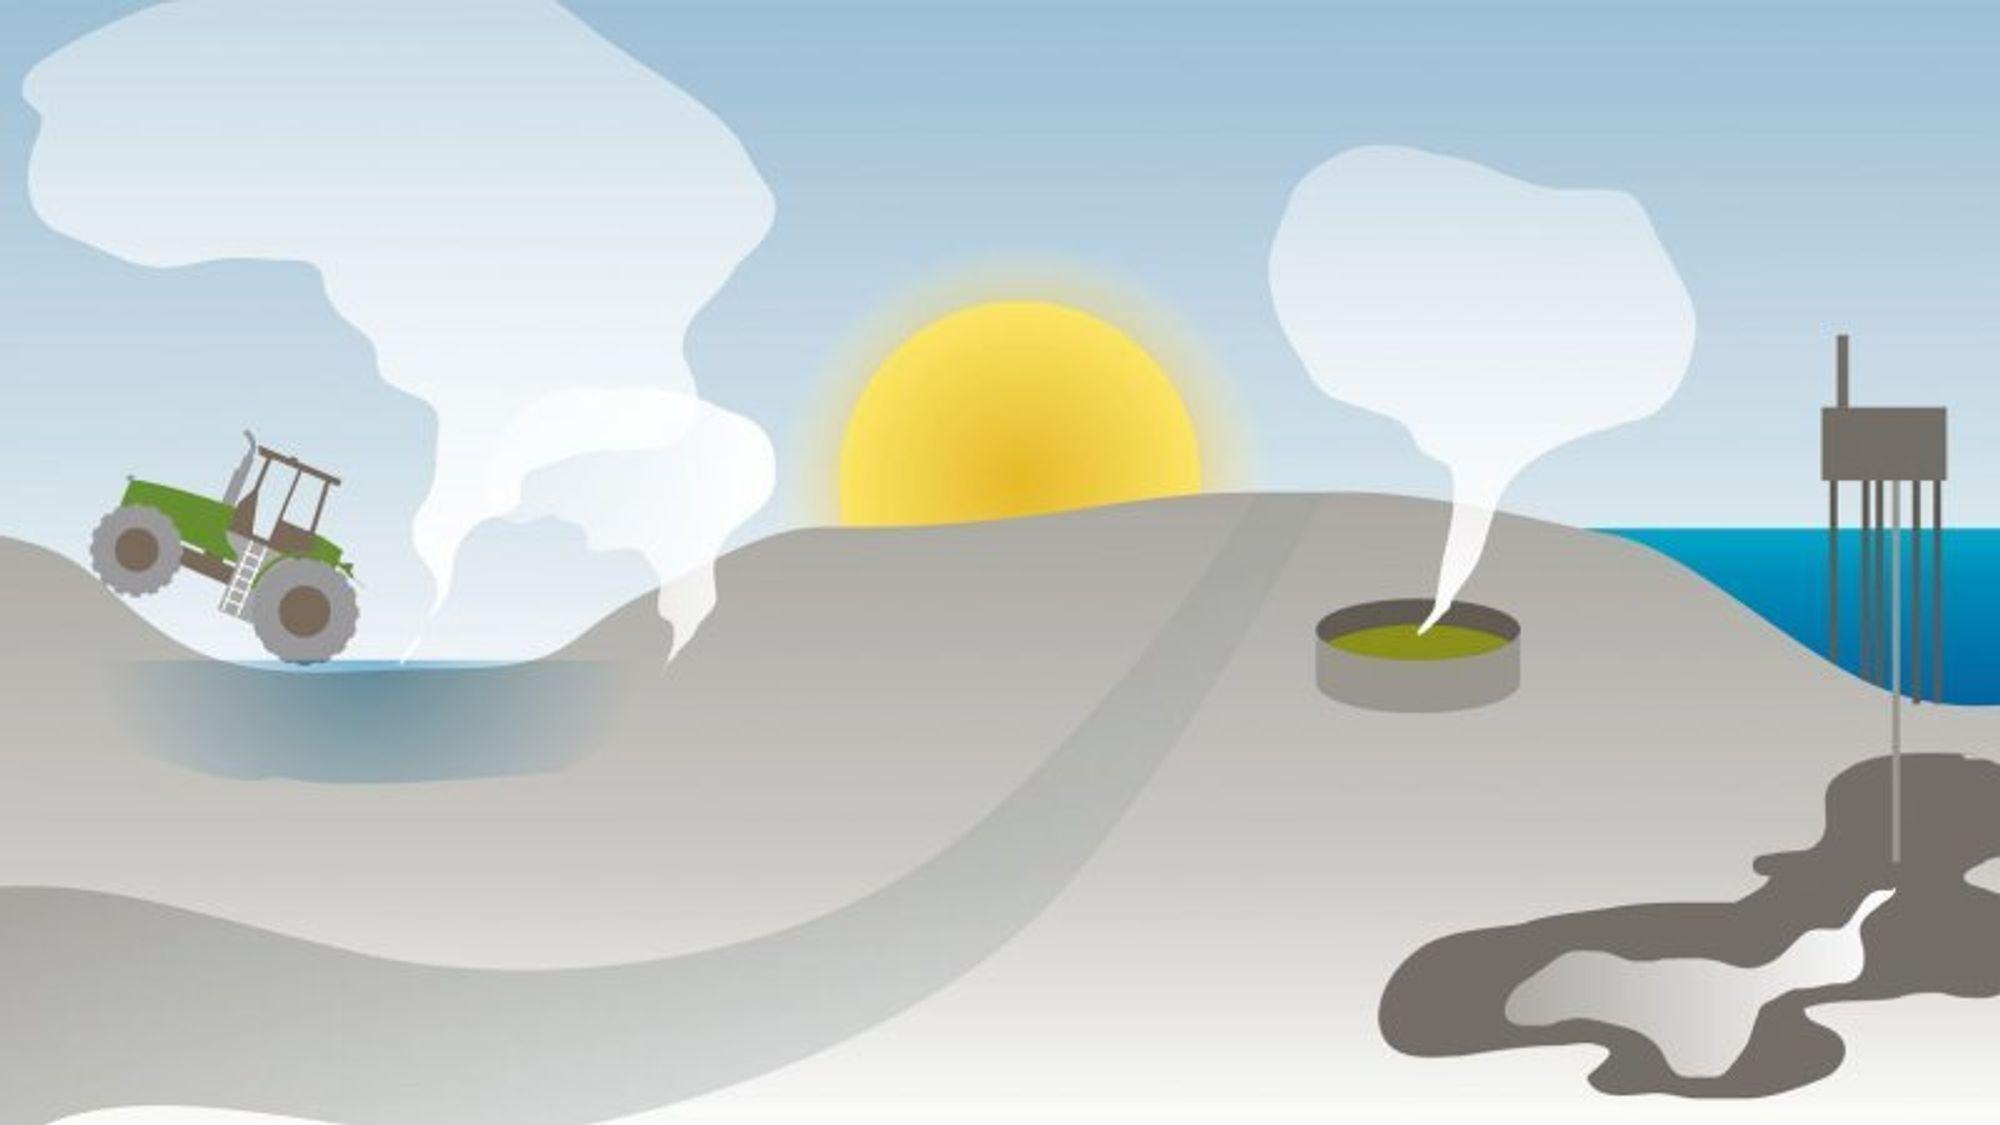 Flere varmepumper i både private hjem og hos fjernvarmeselskapene er blant Klimarådets anbefalinger for å redusere CO2-utslippene i Danmark.